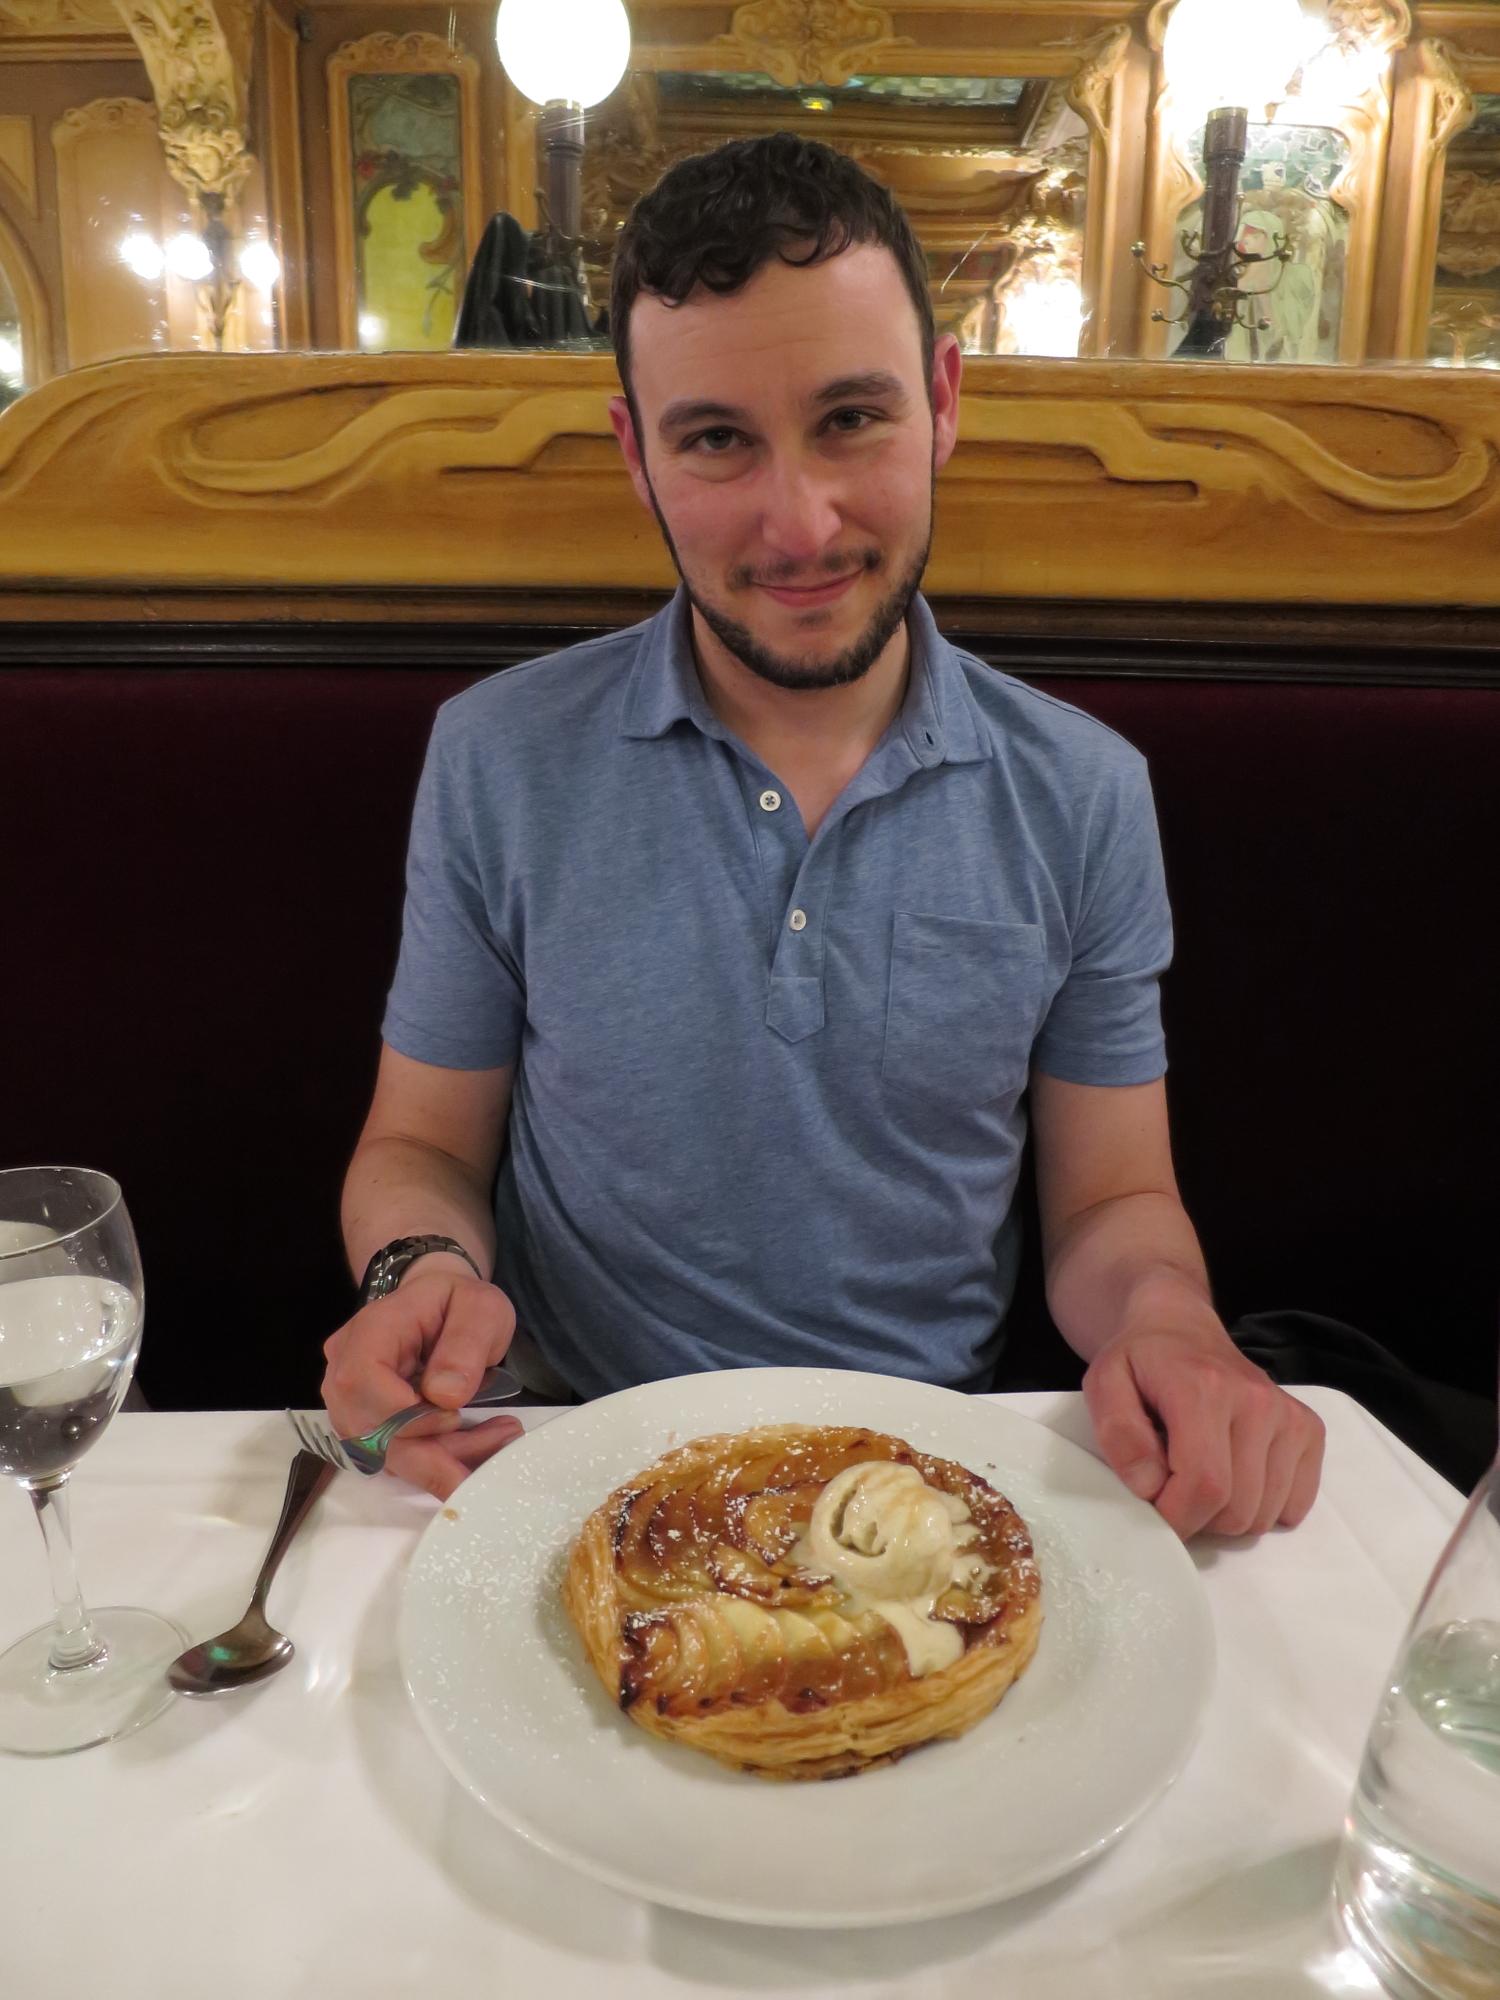 Jared R with his tarte fine dessert at Brasserie Julien